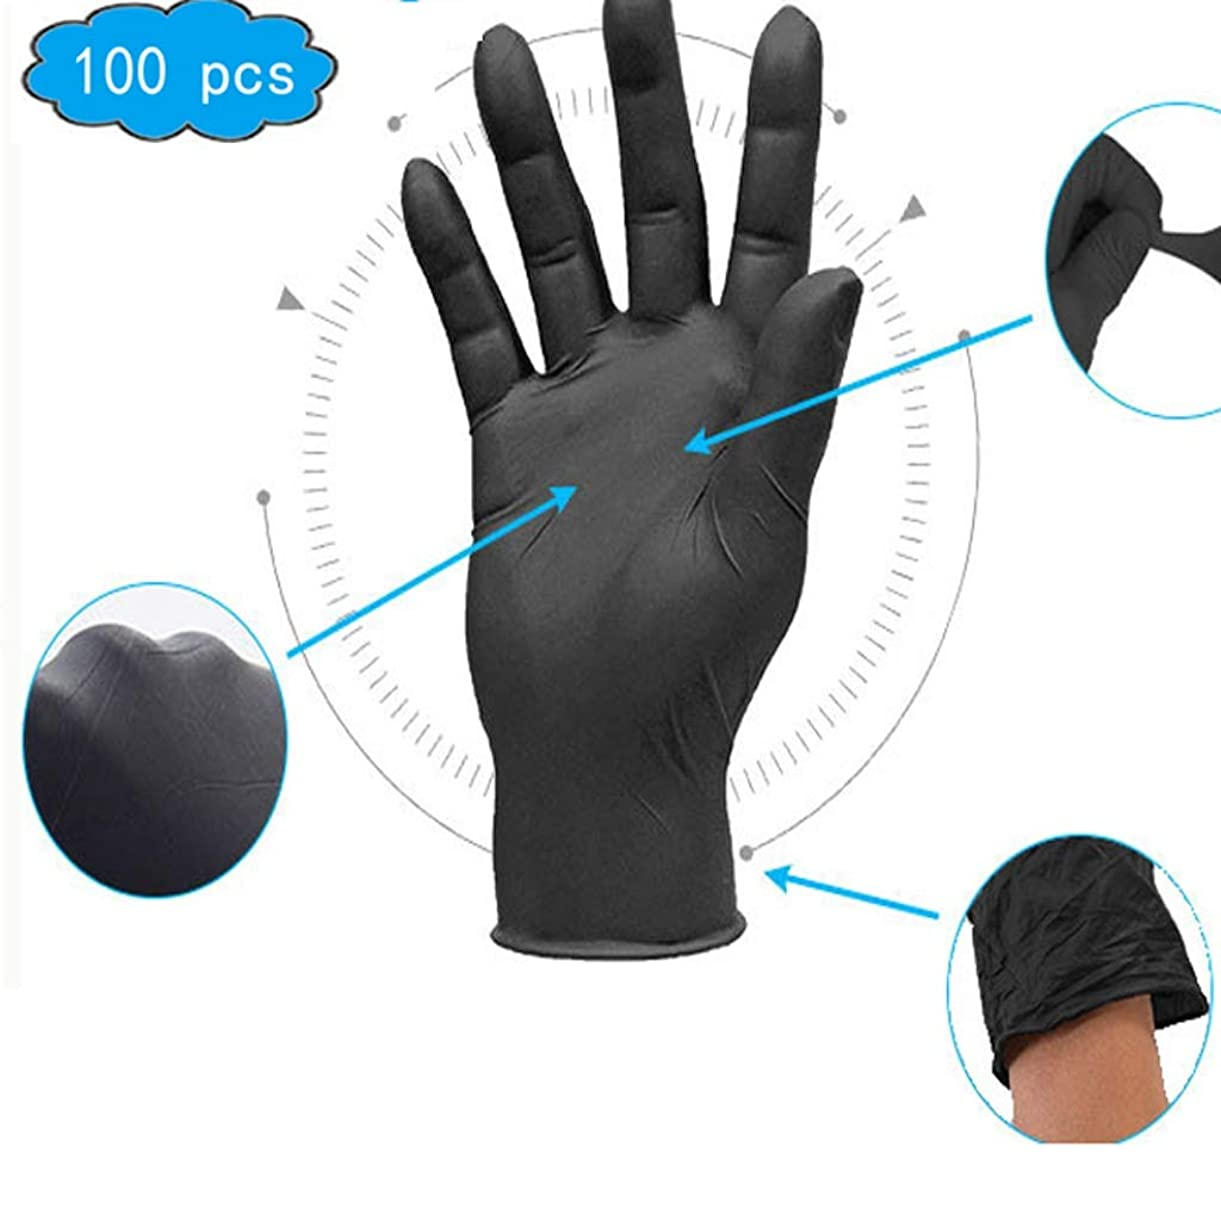 安全なワット雄大な使い捨て手袋 - 健康における、パウダーフリー、ラテックスフリー、大型の100箱、サニタリーグローブ、家庭用ベビーケア用品、研究室および科学製品 (Color : Black, Size : XL)